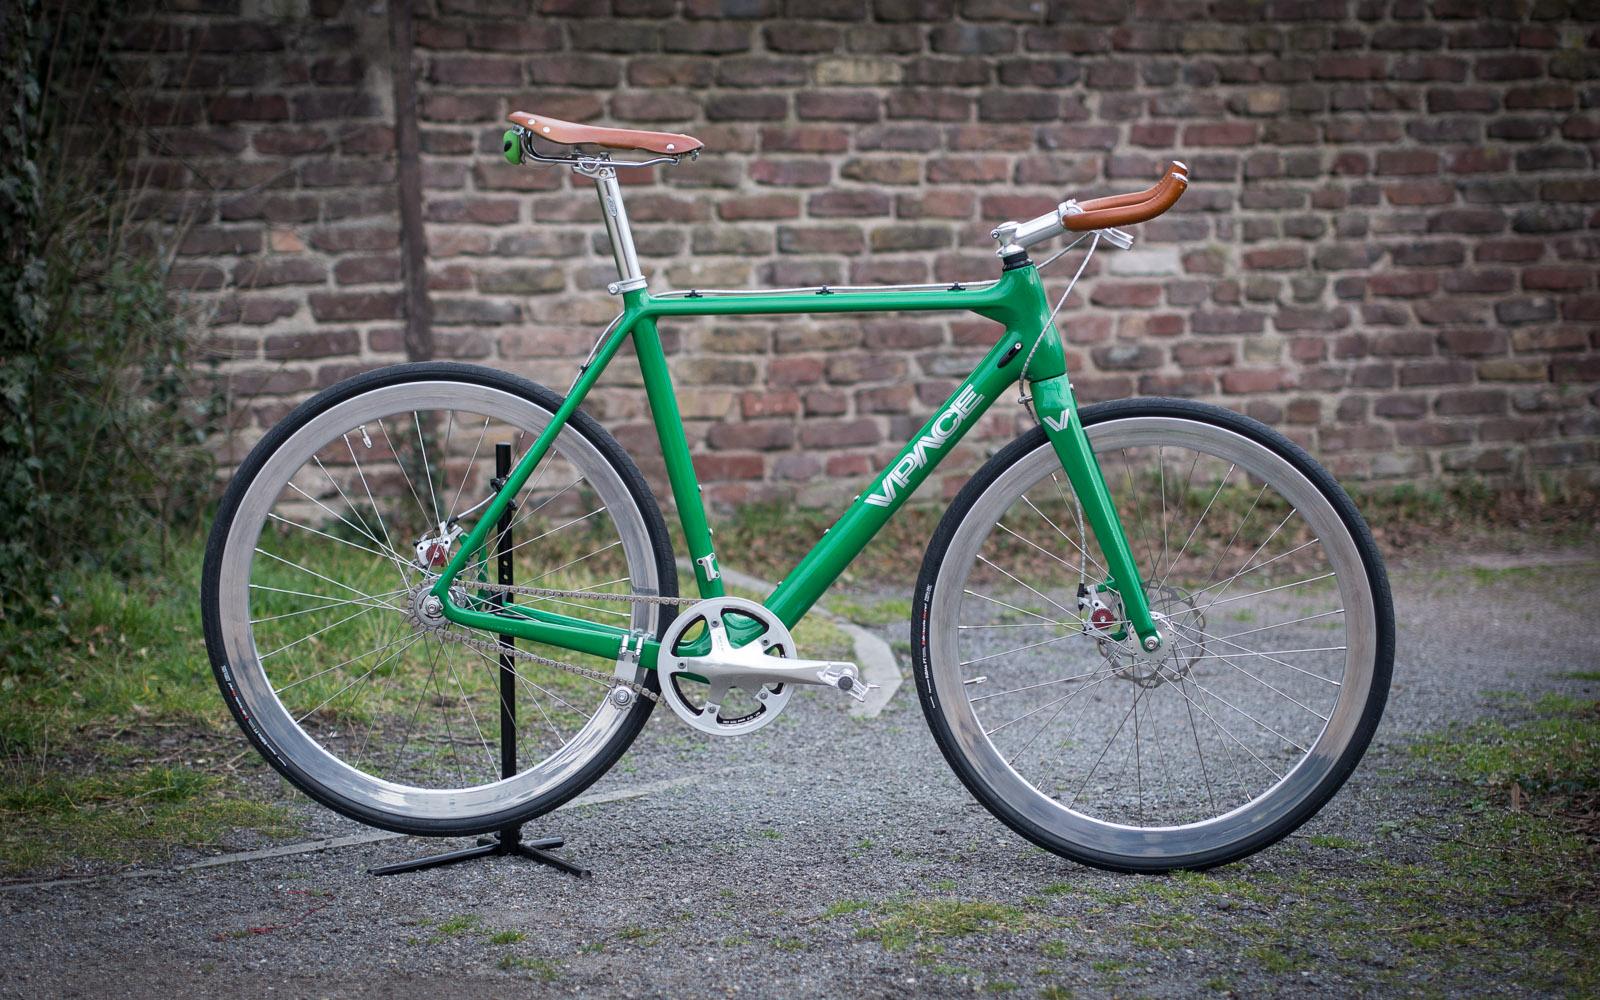 hannover singlespeed Fixiekunst in hannover (trackstand & rückwärtsfahren) malte hempel loading trend singlespeed-fahrräder: zwei räder, ein gang - duration: 3:19.